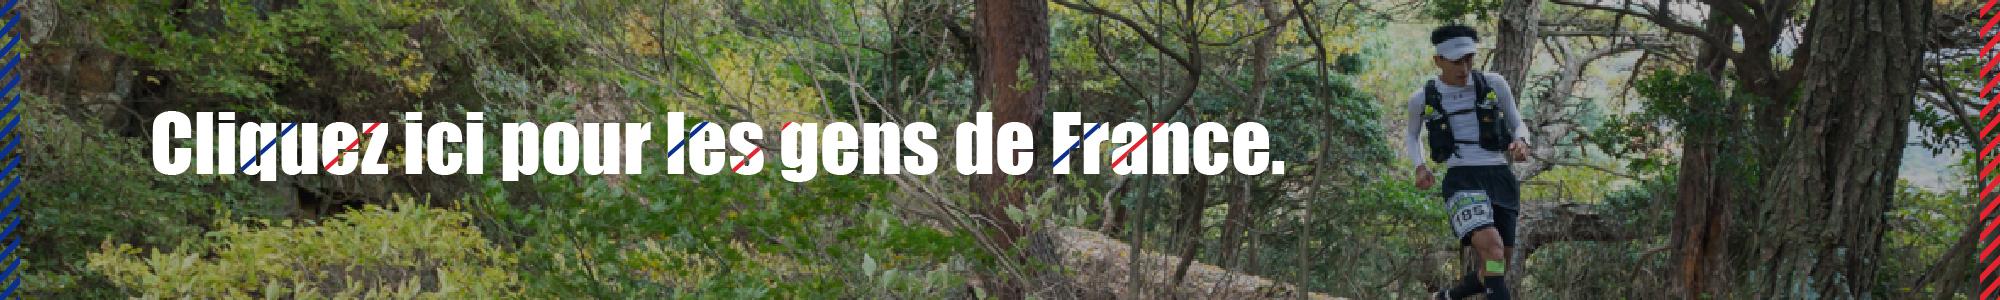 Cliquez ici pour les gens de France